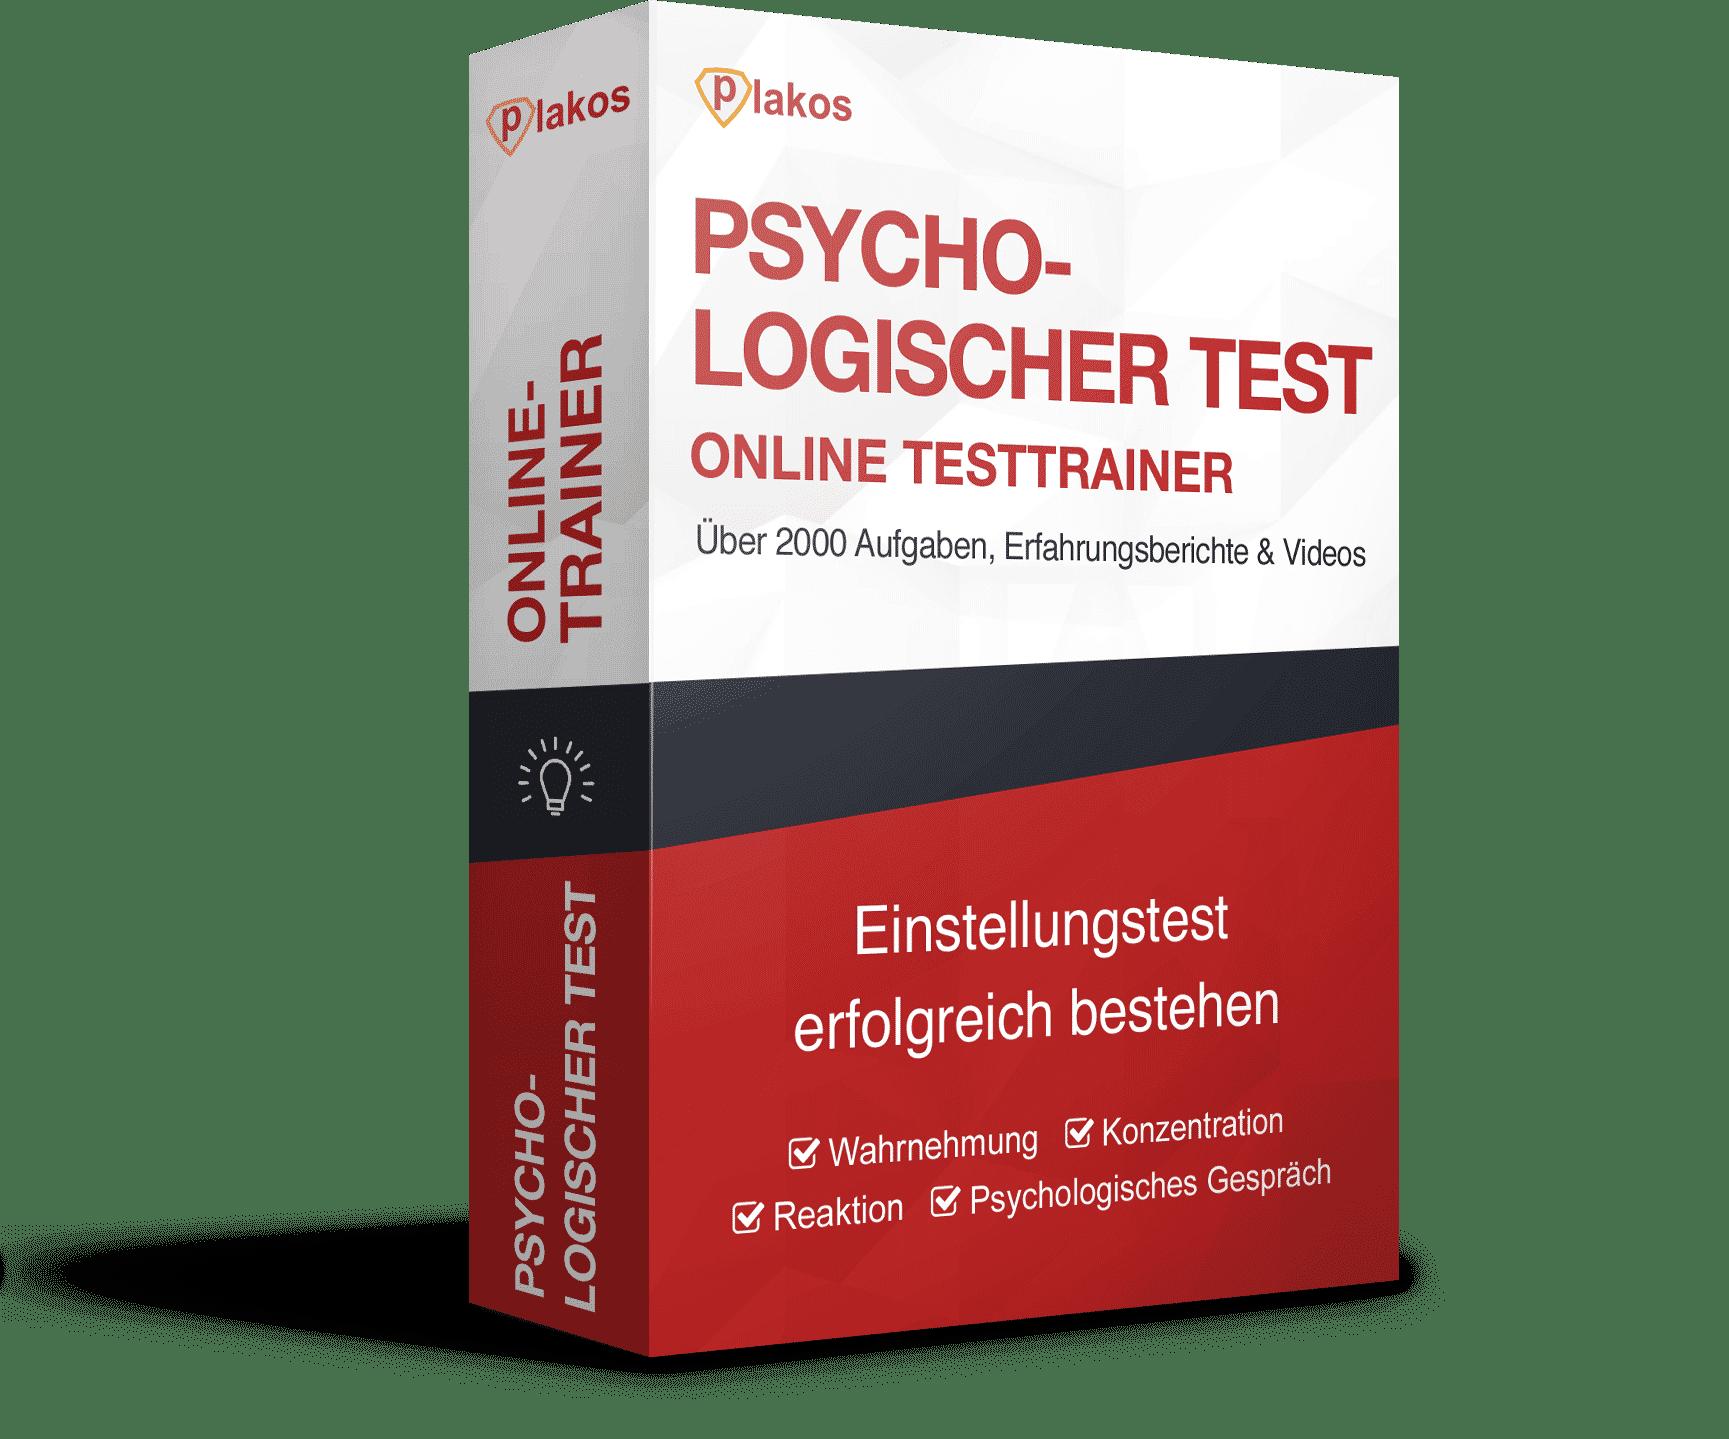 Psychologischer Test Online Testtrainer